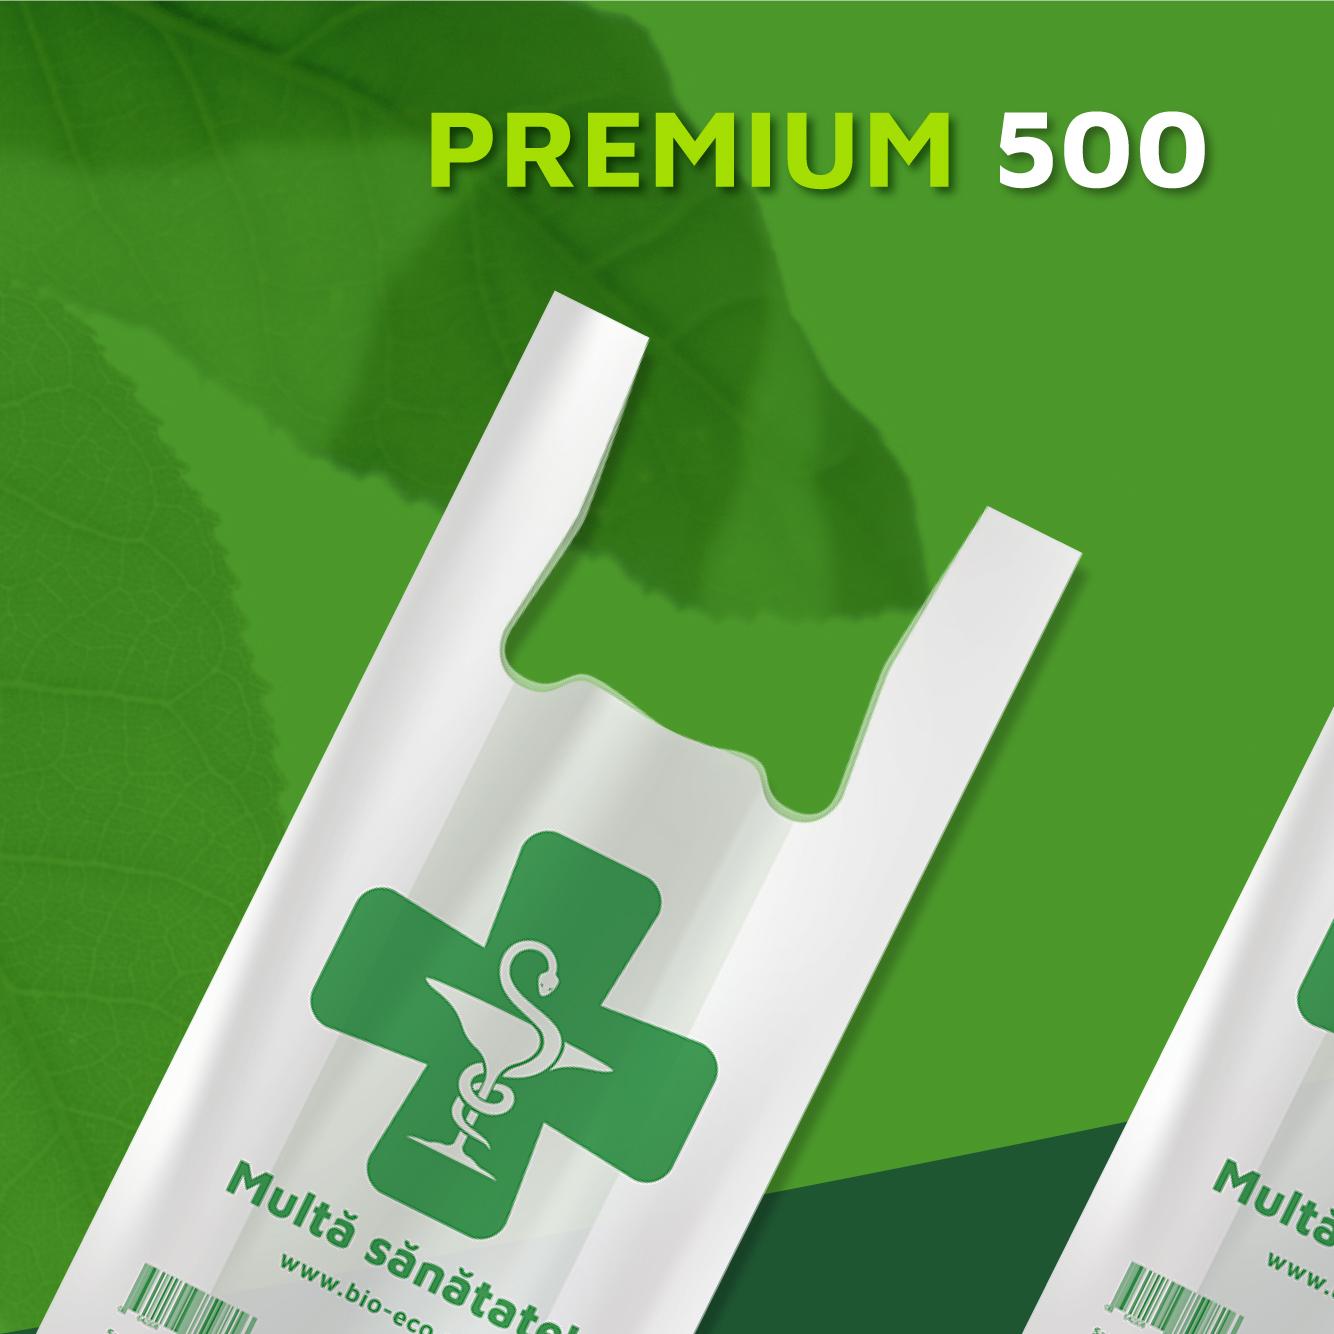 PREMIUM M 500